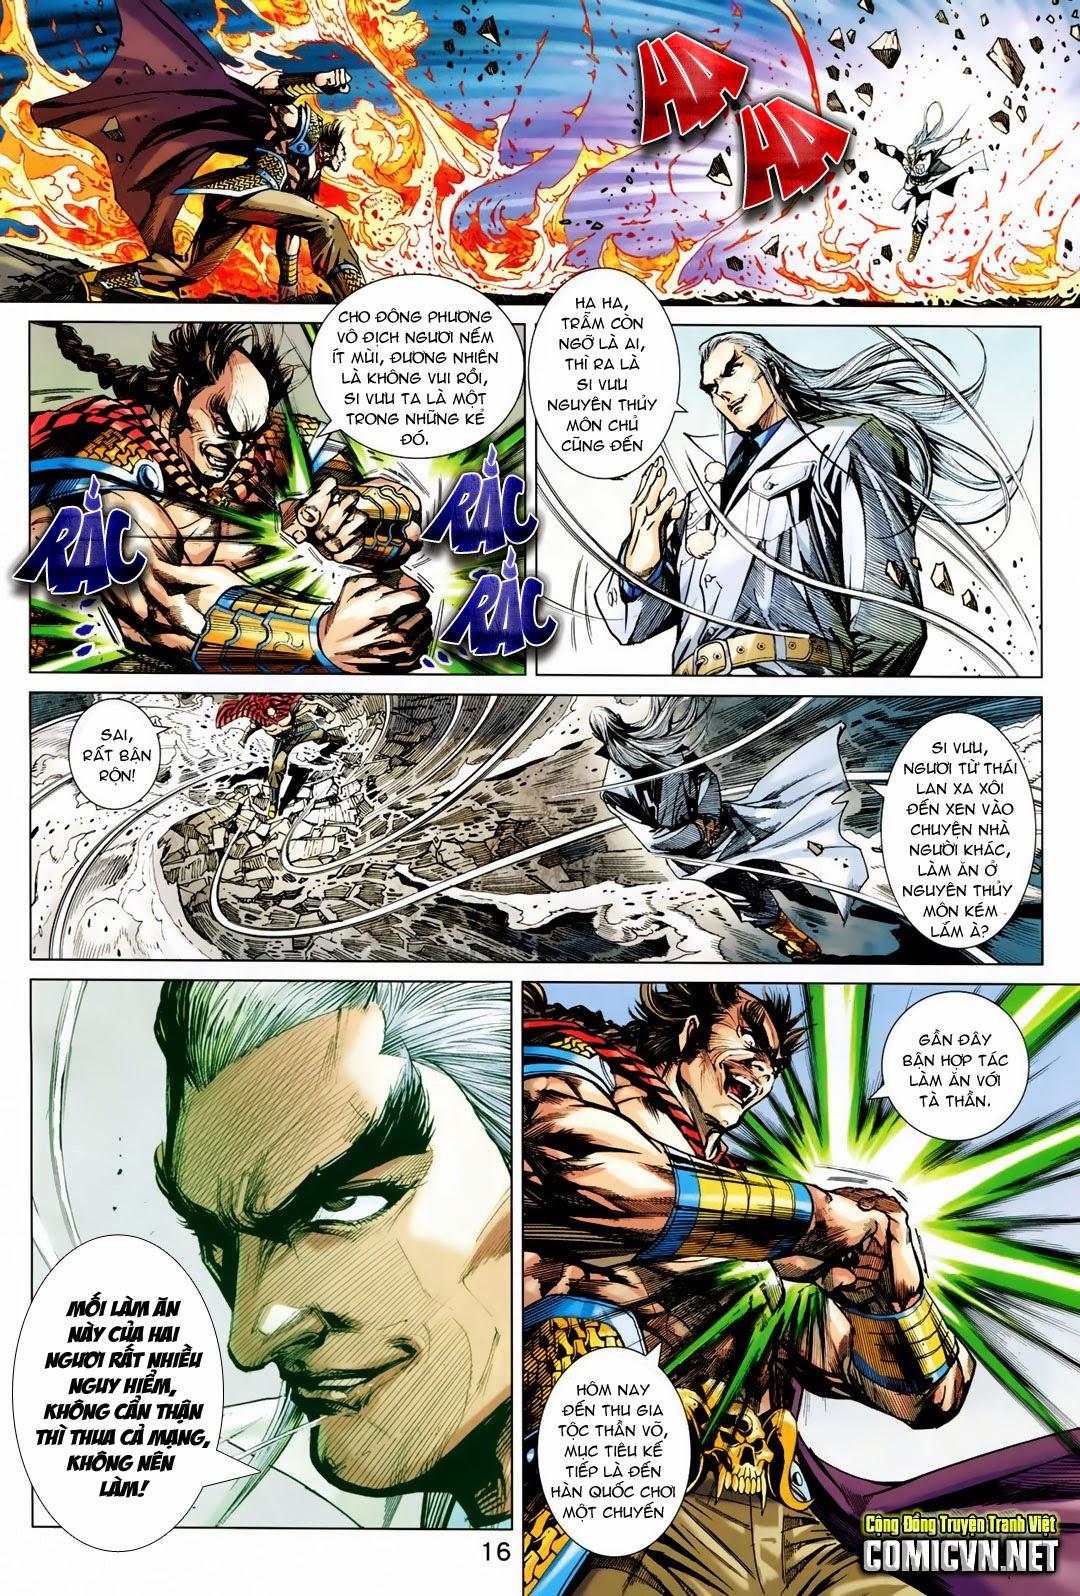 Tân Tác Long Hổ Môn trang 16